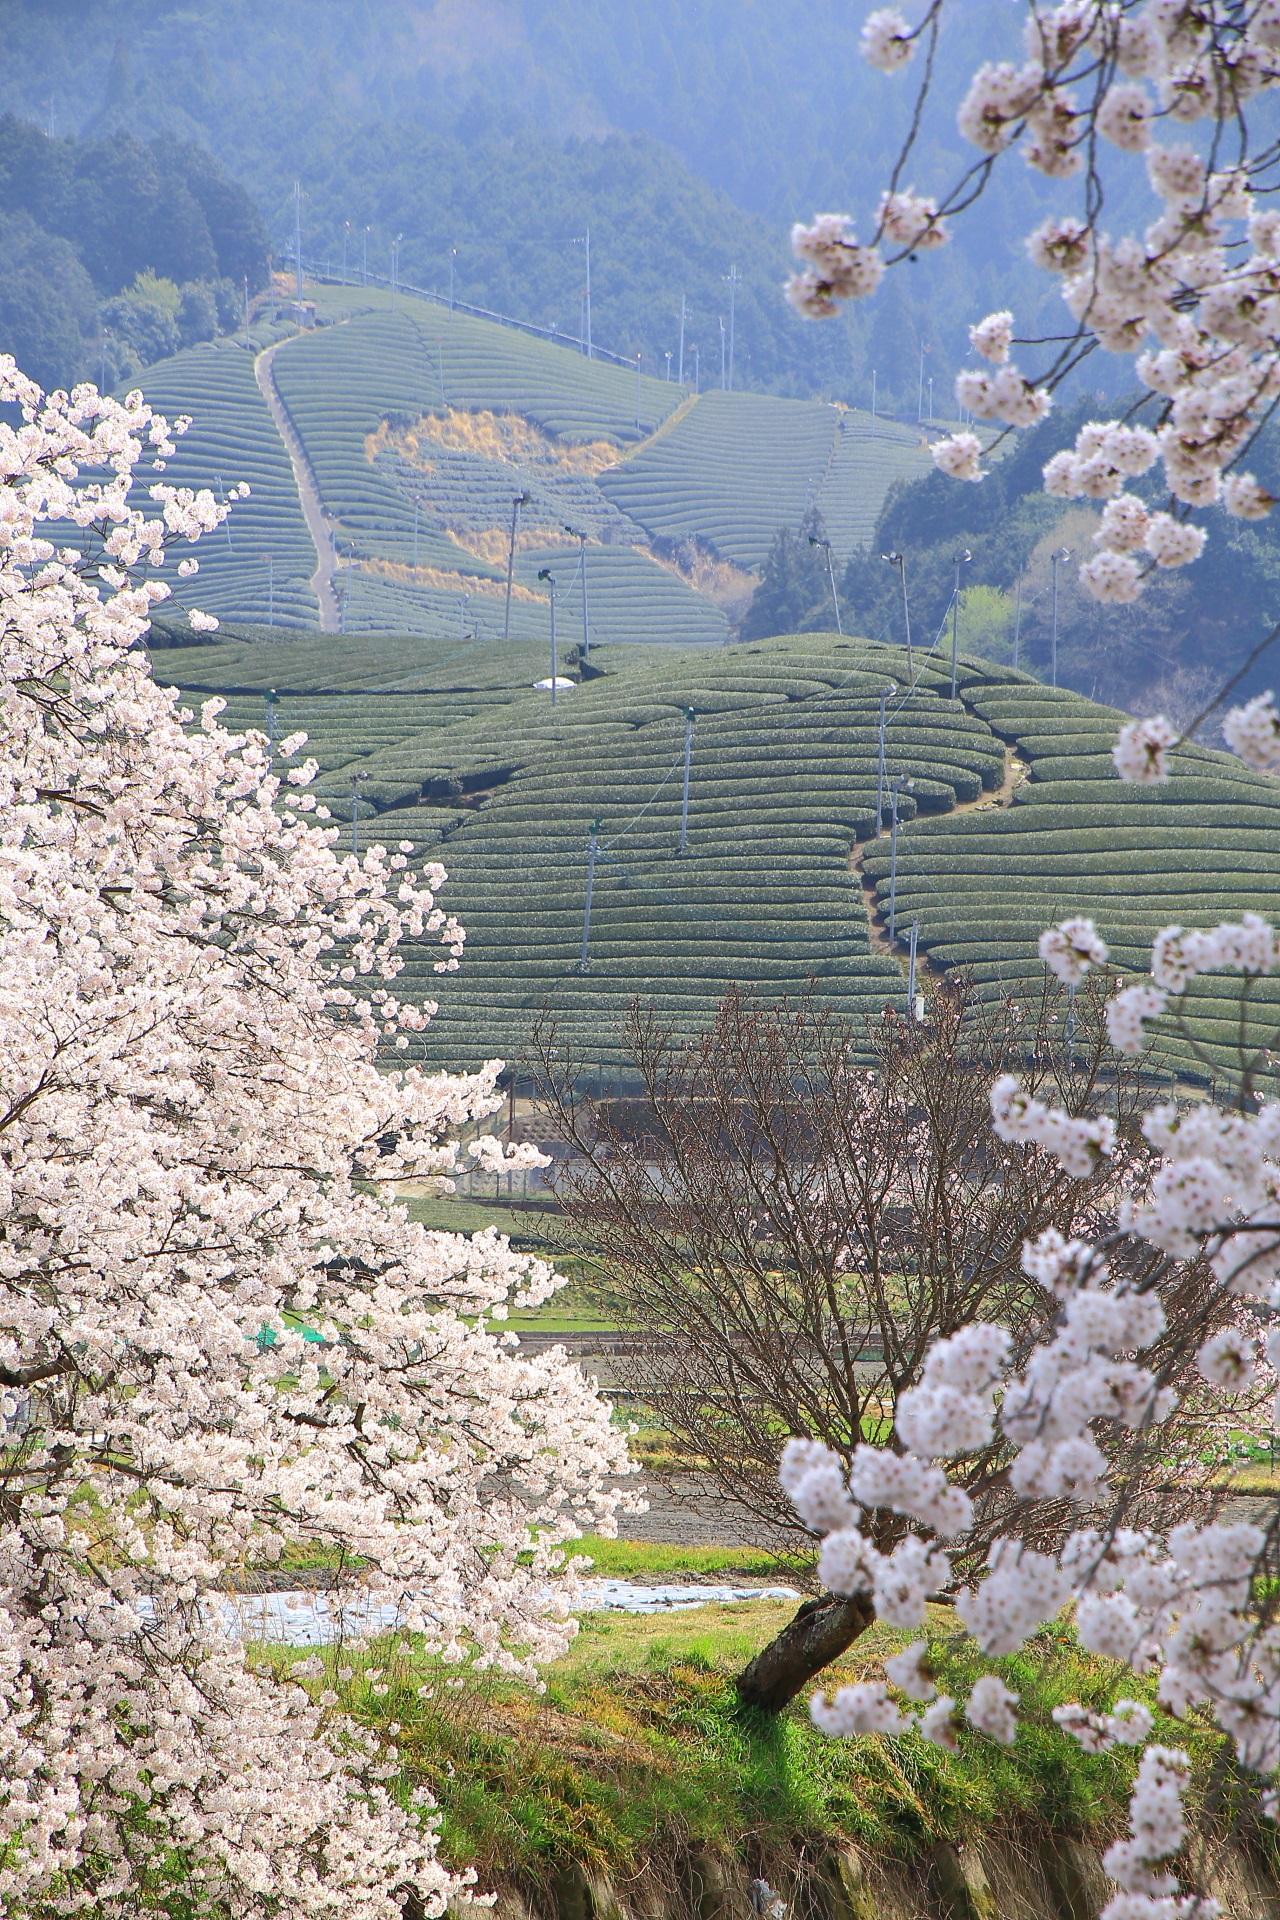 和束町の素晴らしい桜と茶畑や春の情景